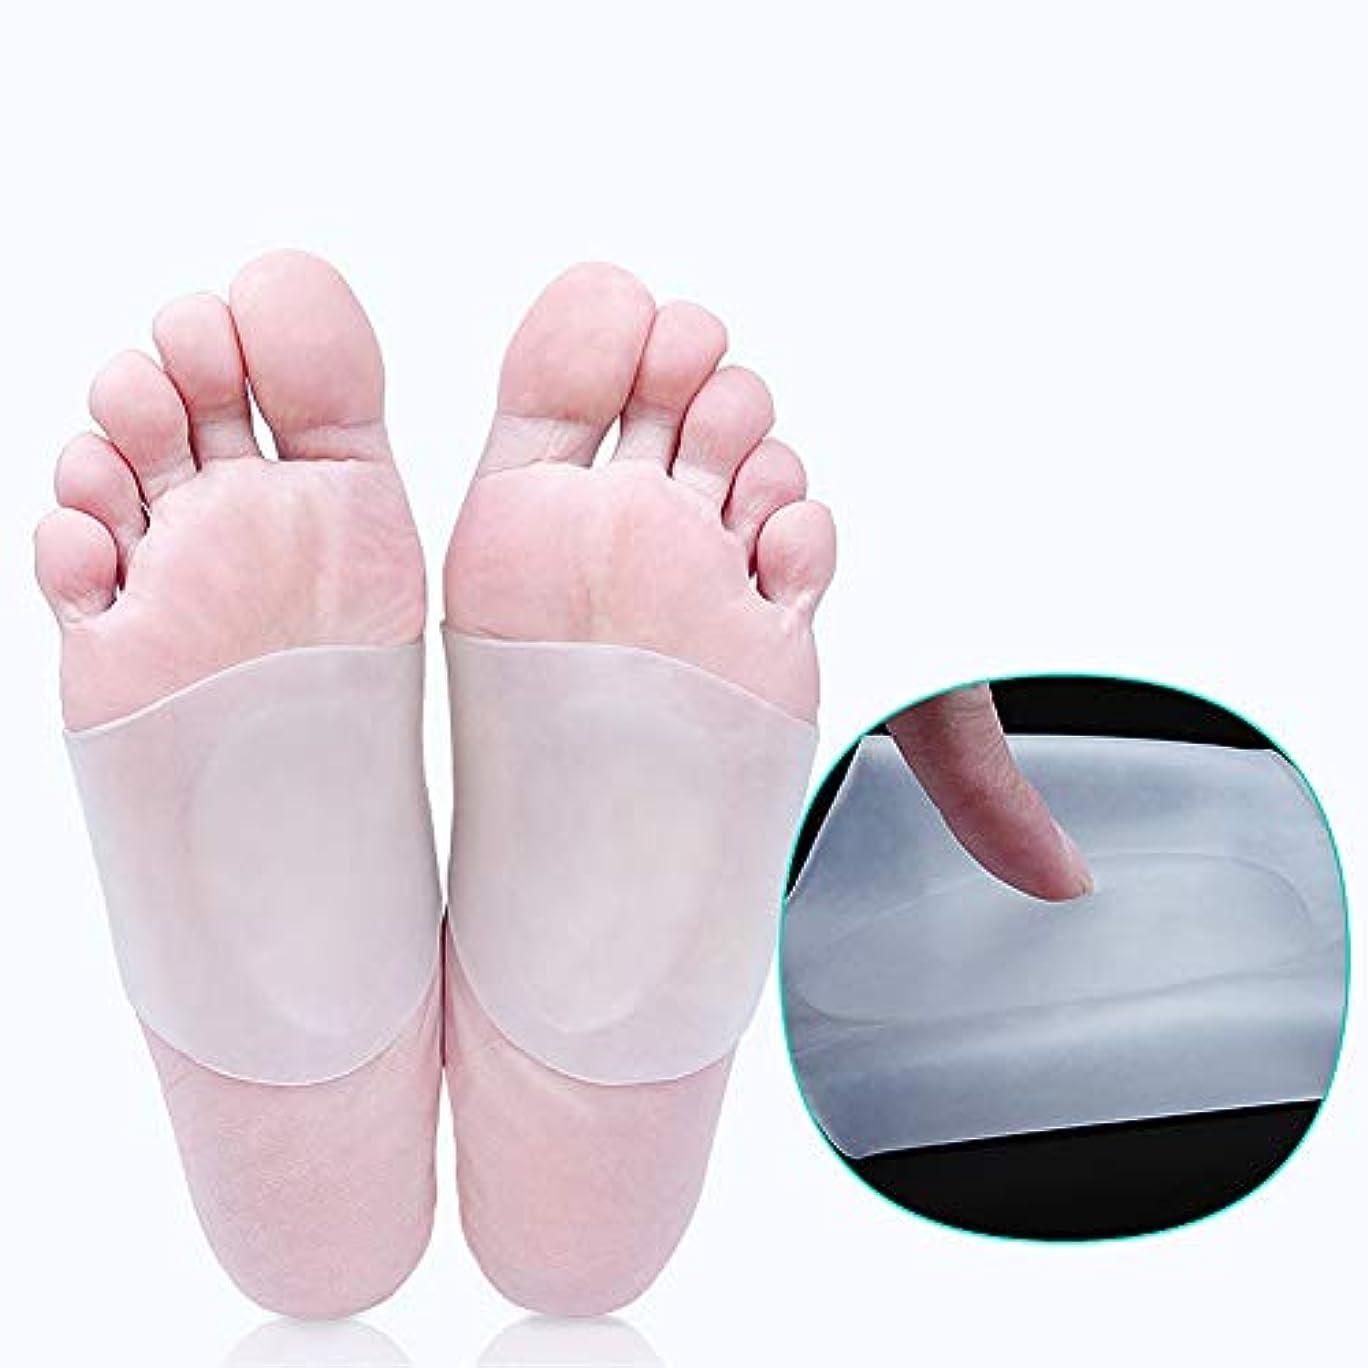 だらしない幽霊葡萄アーチ型サポートシューインサートフットパッド、足底筋膜炎インサートフラットフットパッド、ハイまたはローアーチジェルパッドインソール、フットアーチとかかとの痛みを緩和 (S)